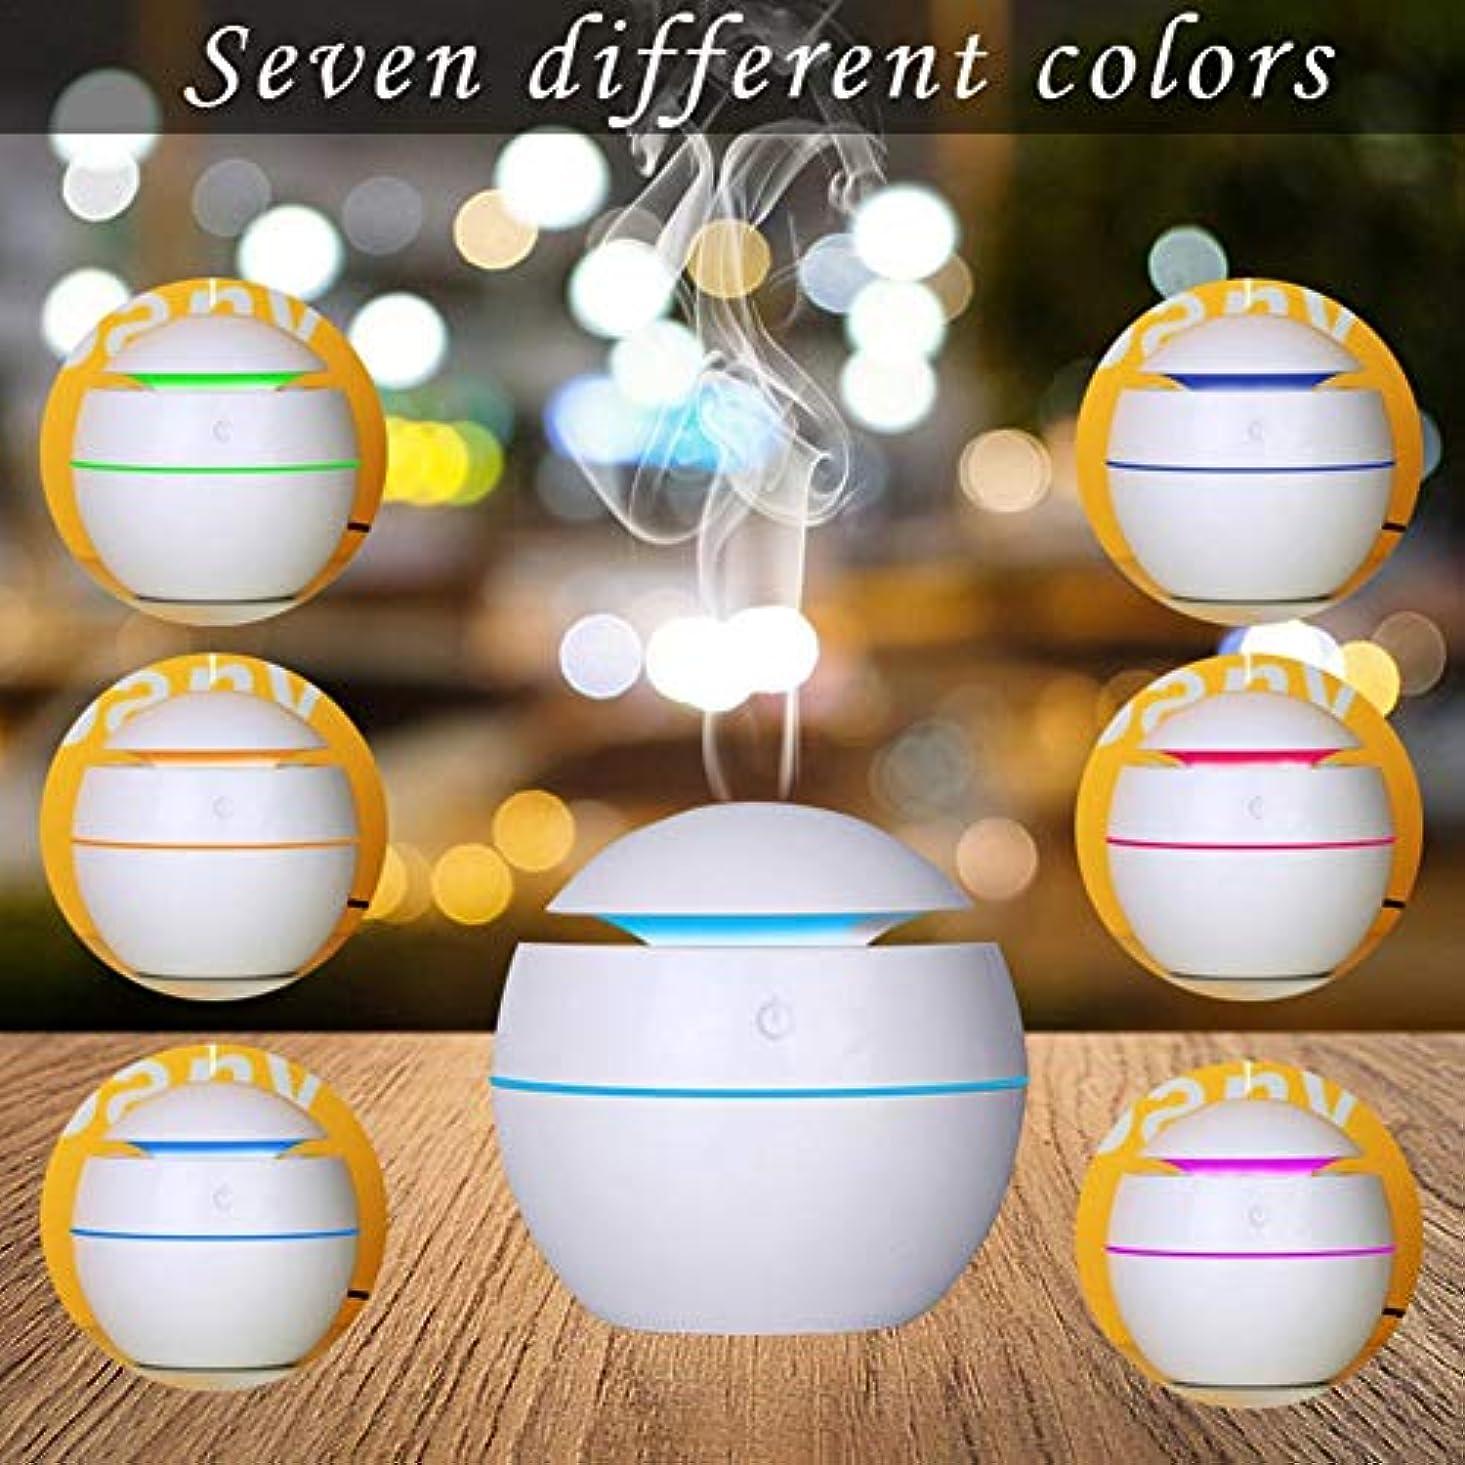 放つしなやかなサイレン最新USB七色変換ミニアロマ加湿器 水分補給アロマディフューザー 静音空気浄化機 (カートン)